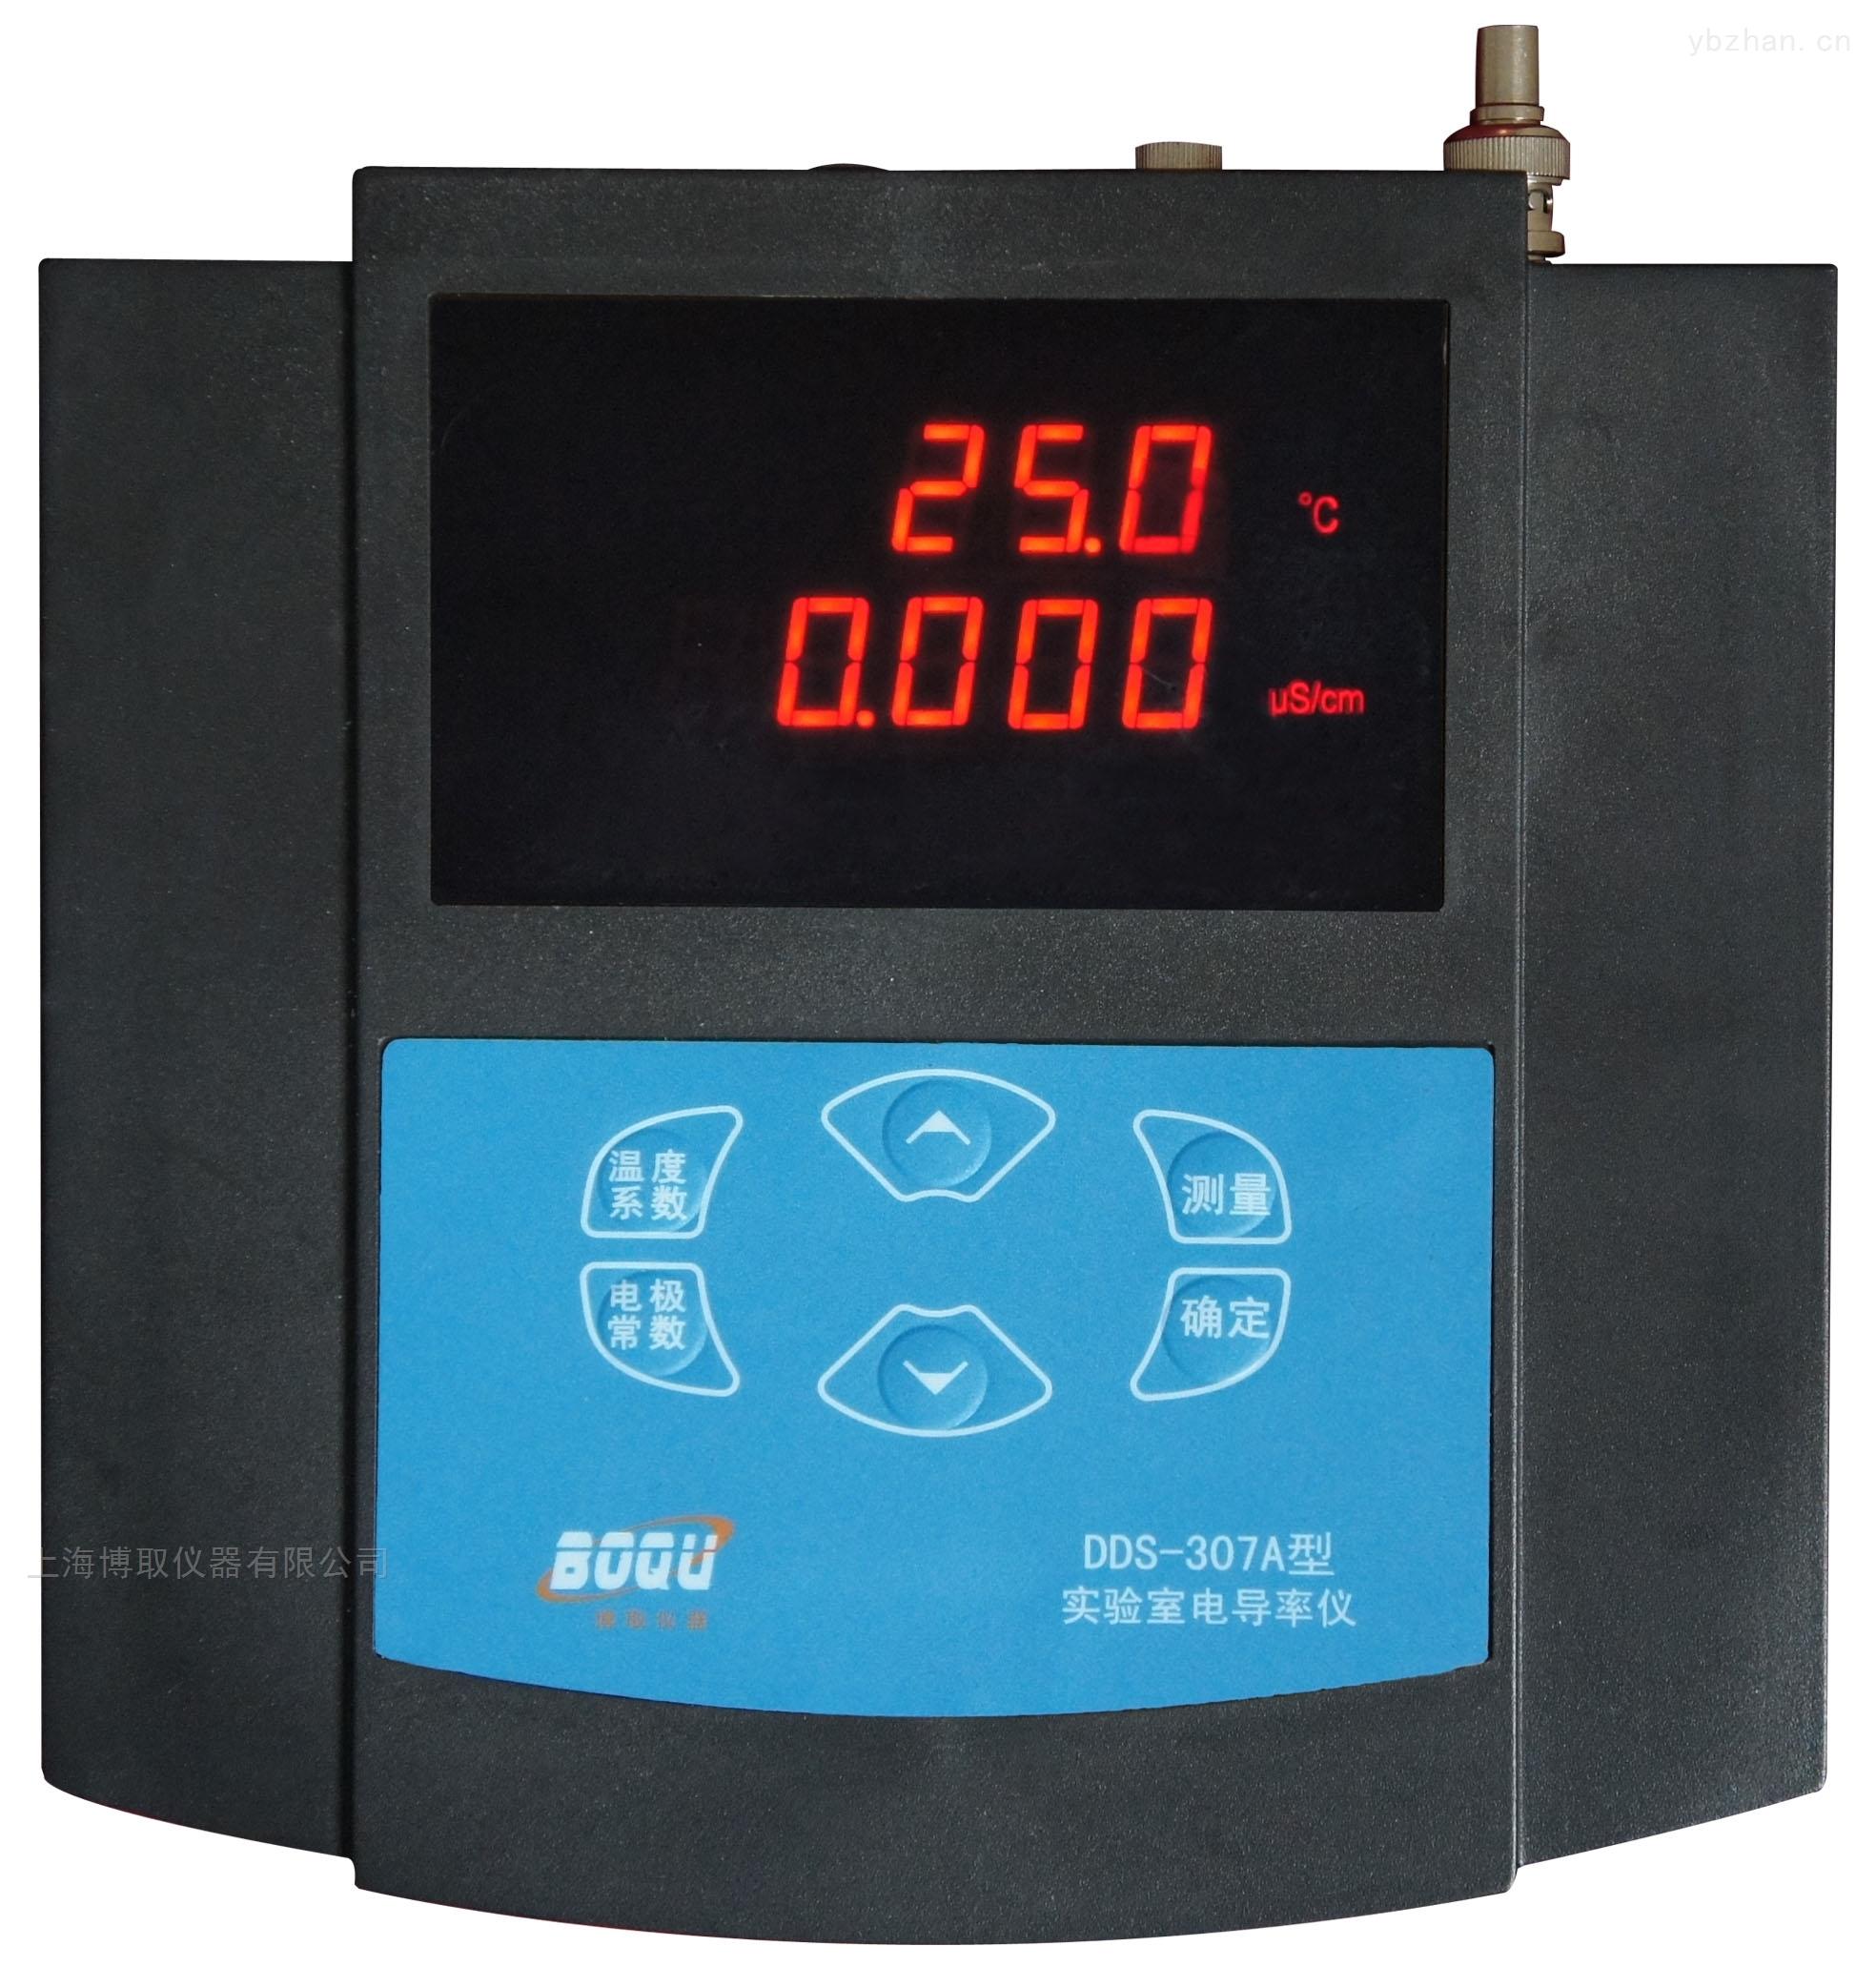 DDS-307A型實驗室電導率儀